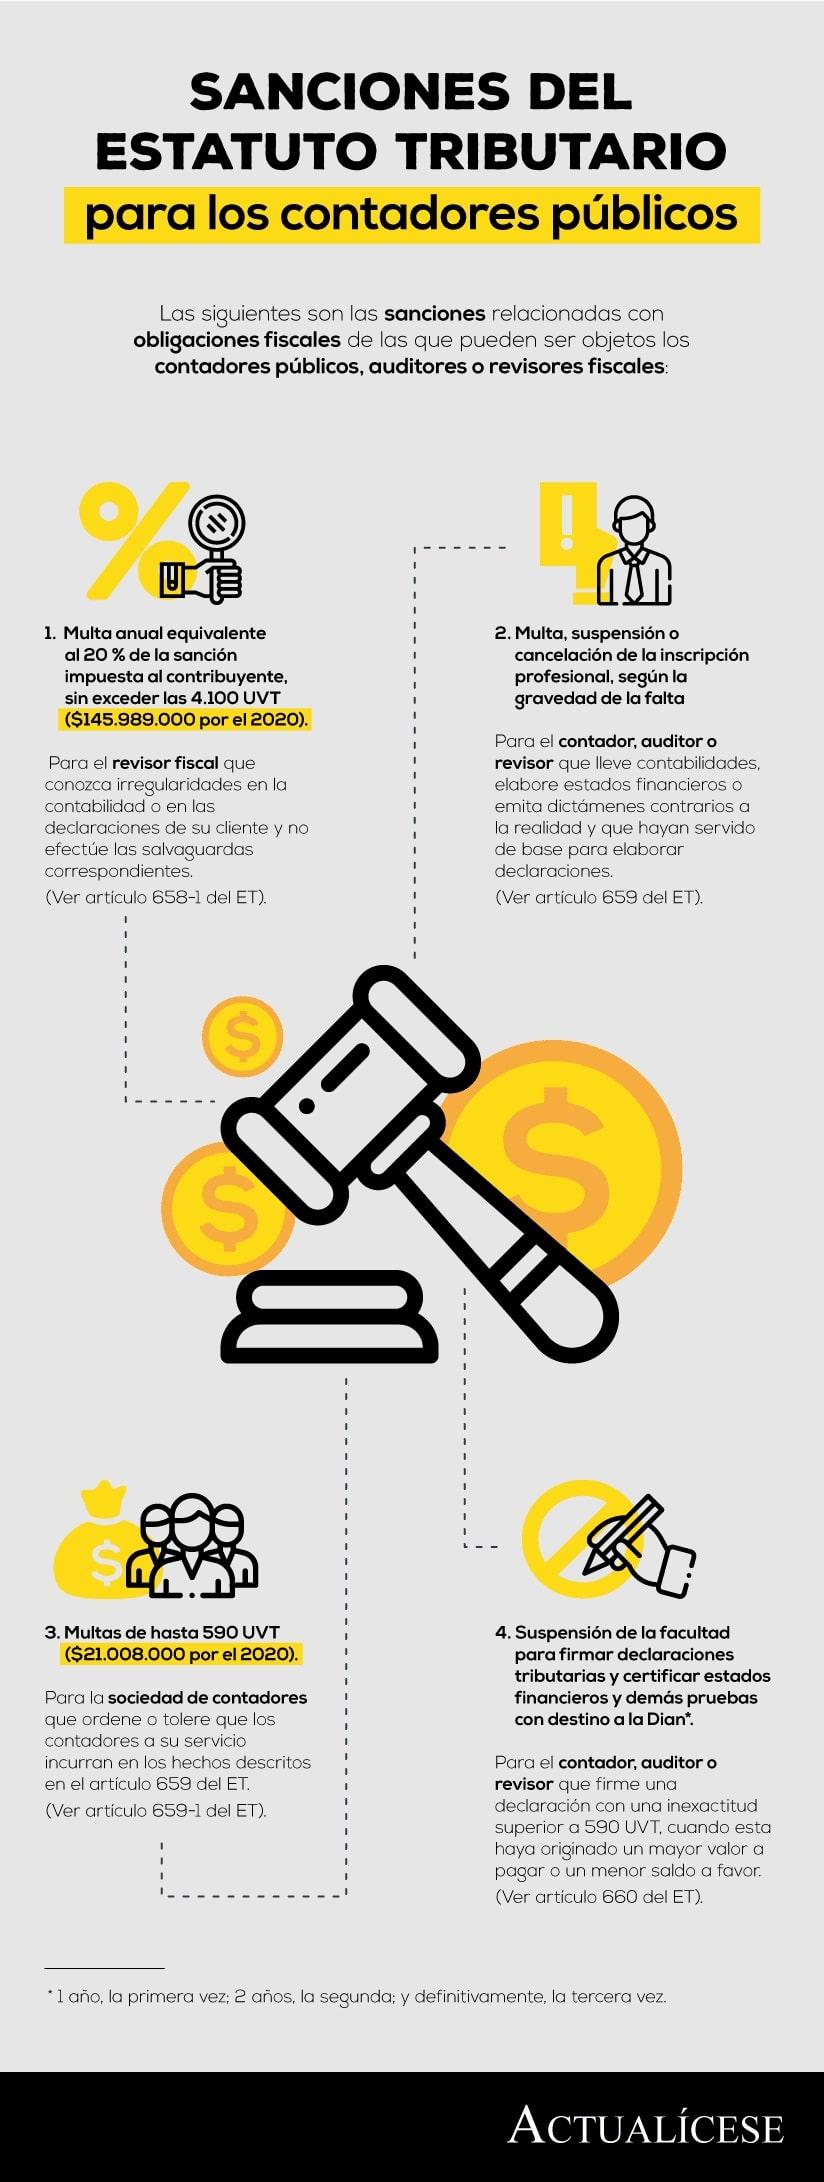 [Infografía] Sanciones del Estatuto Tributario para los contadores públicos